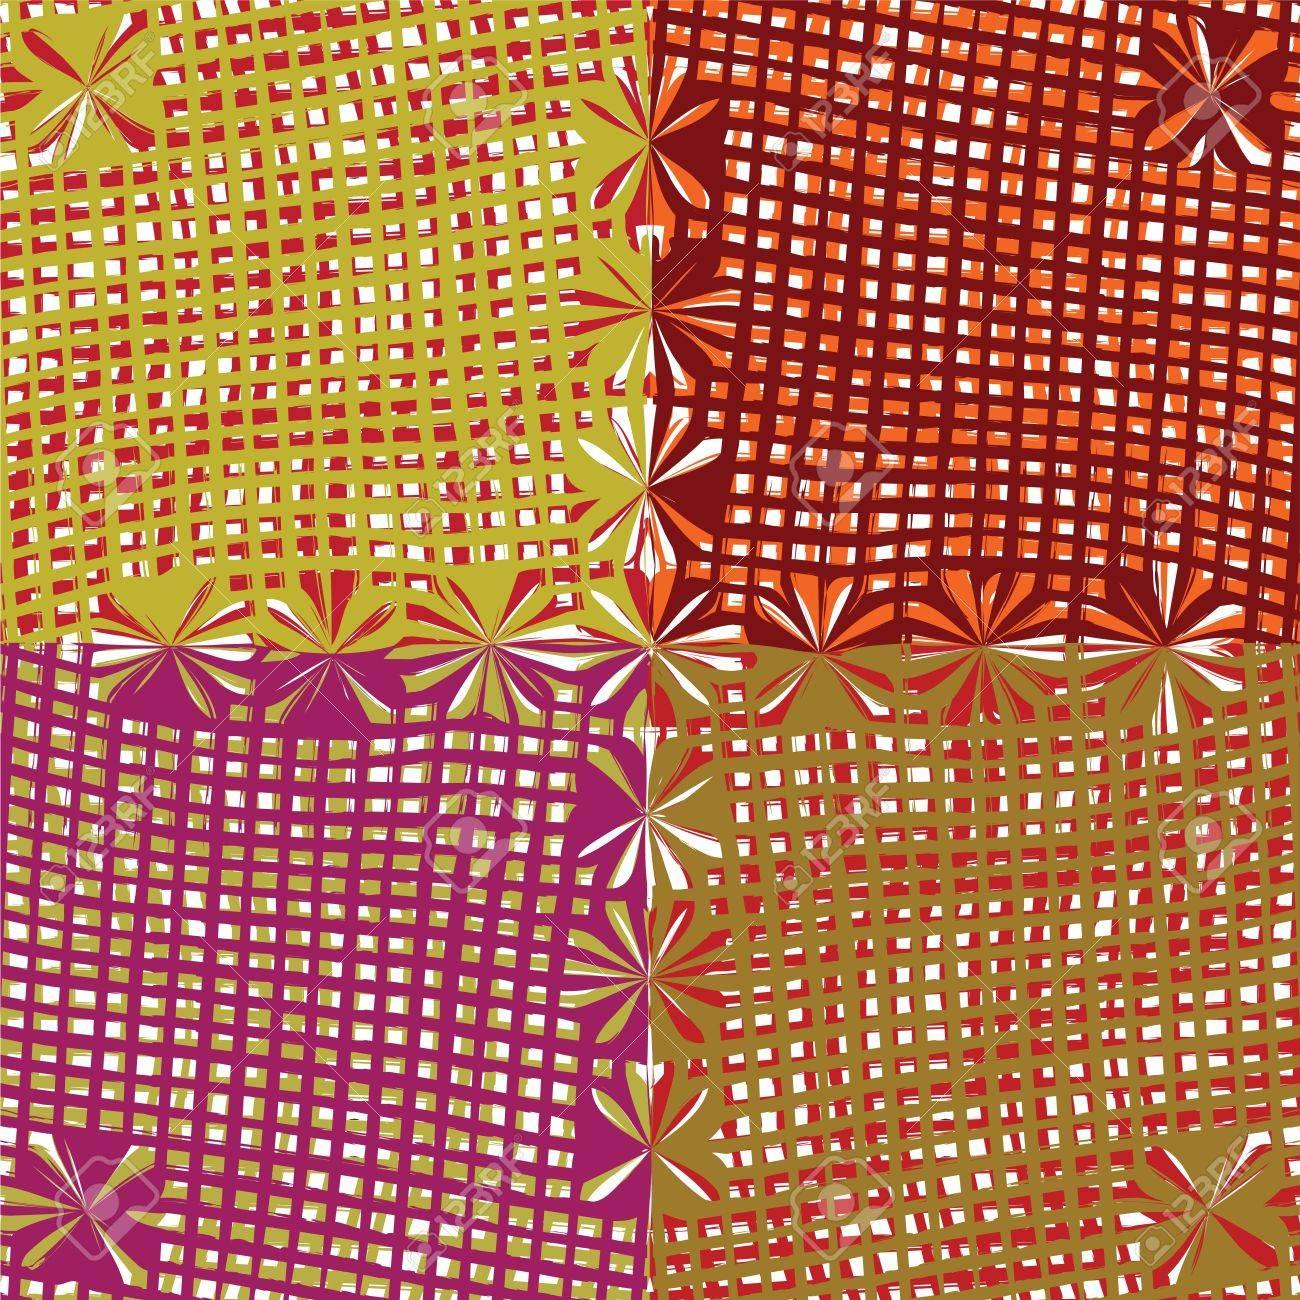 f0273a7747e8 Archivio Fotografico - Grunge a righe e quadretti colorati senza soluzione  di continuità